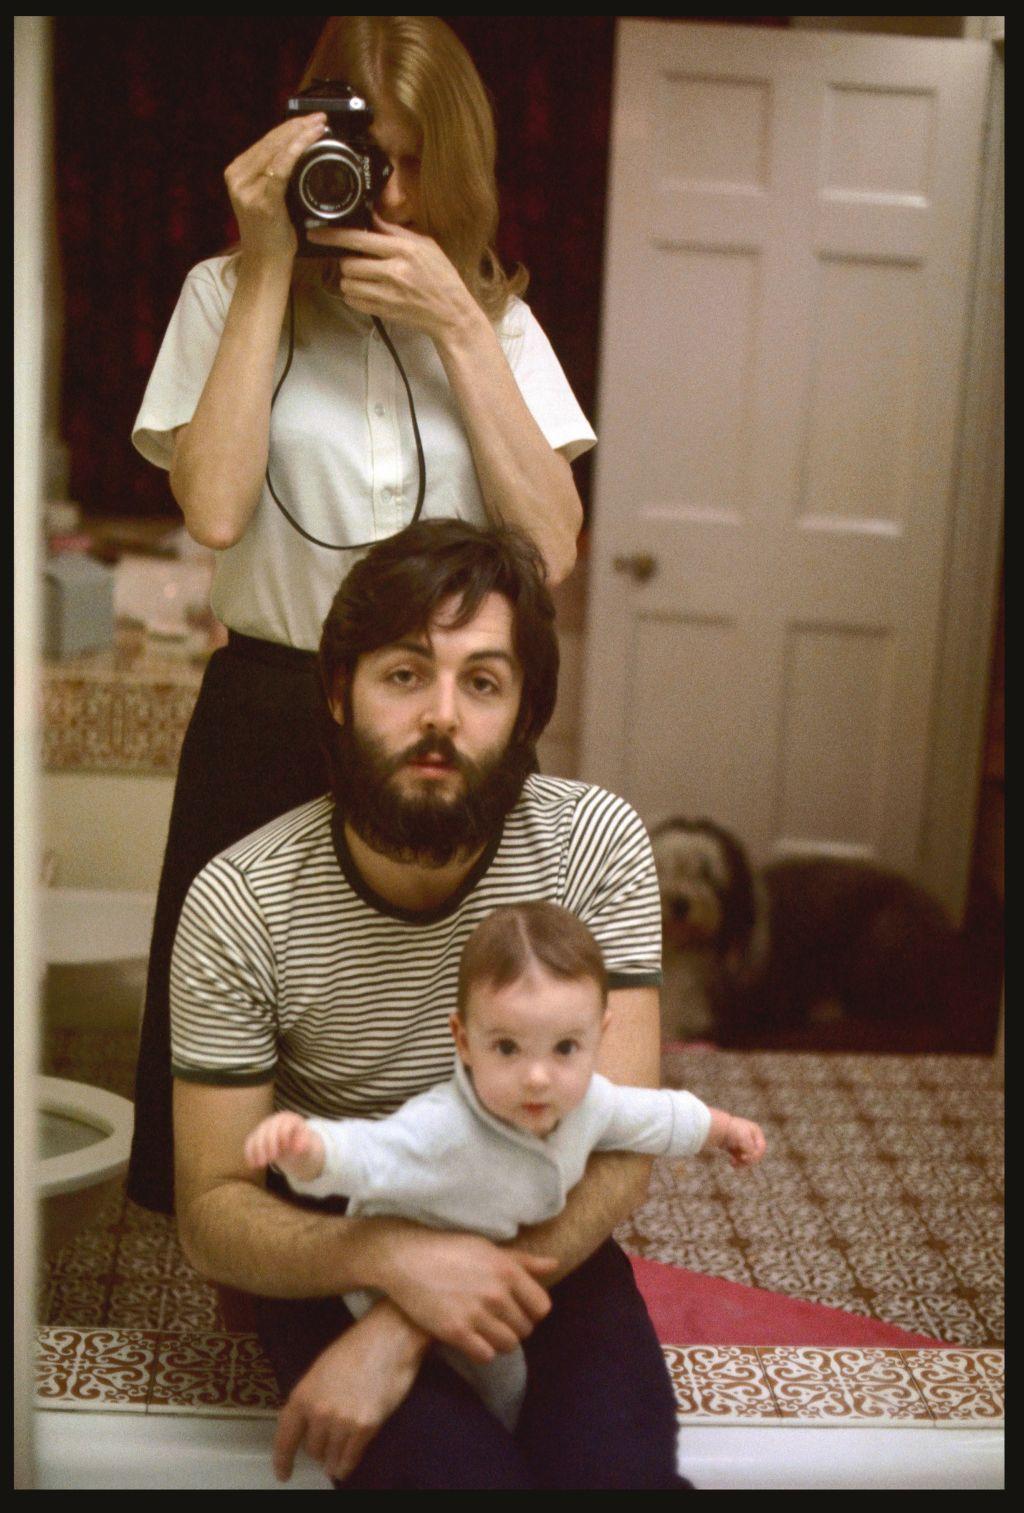 BIFB_photo_by_Linda_McCartney_Self_Portrait_with_Paul_and_Mary_London_1969_zr4zyz